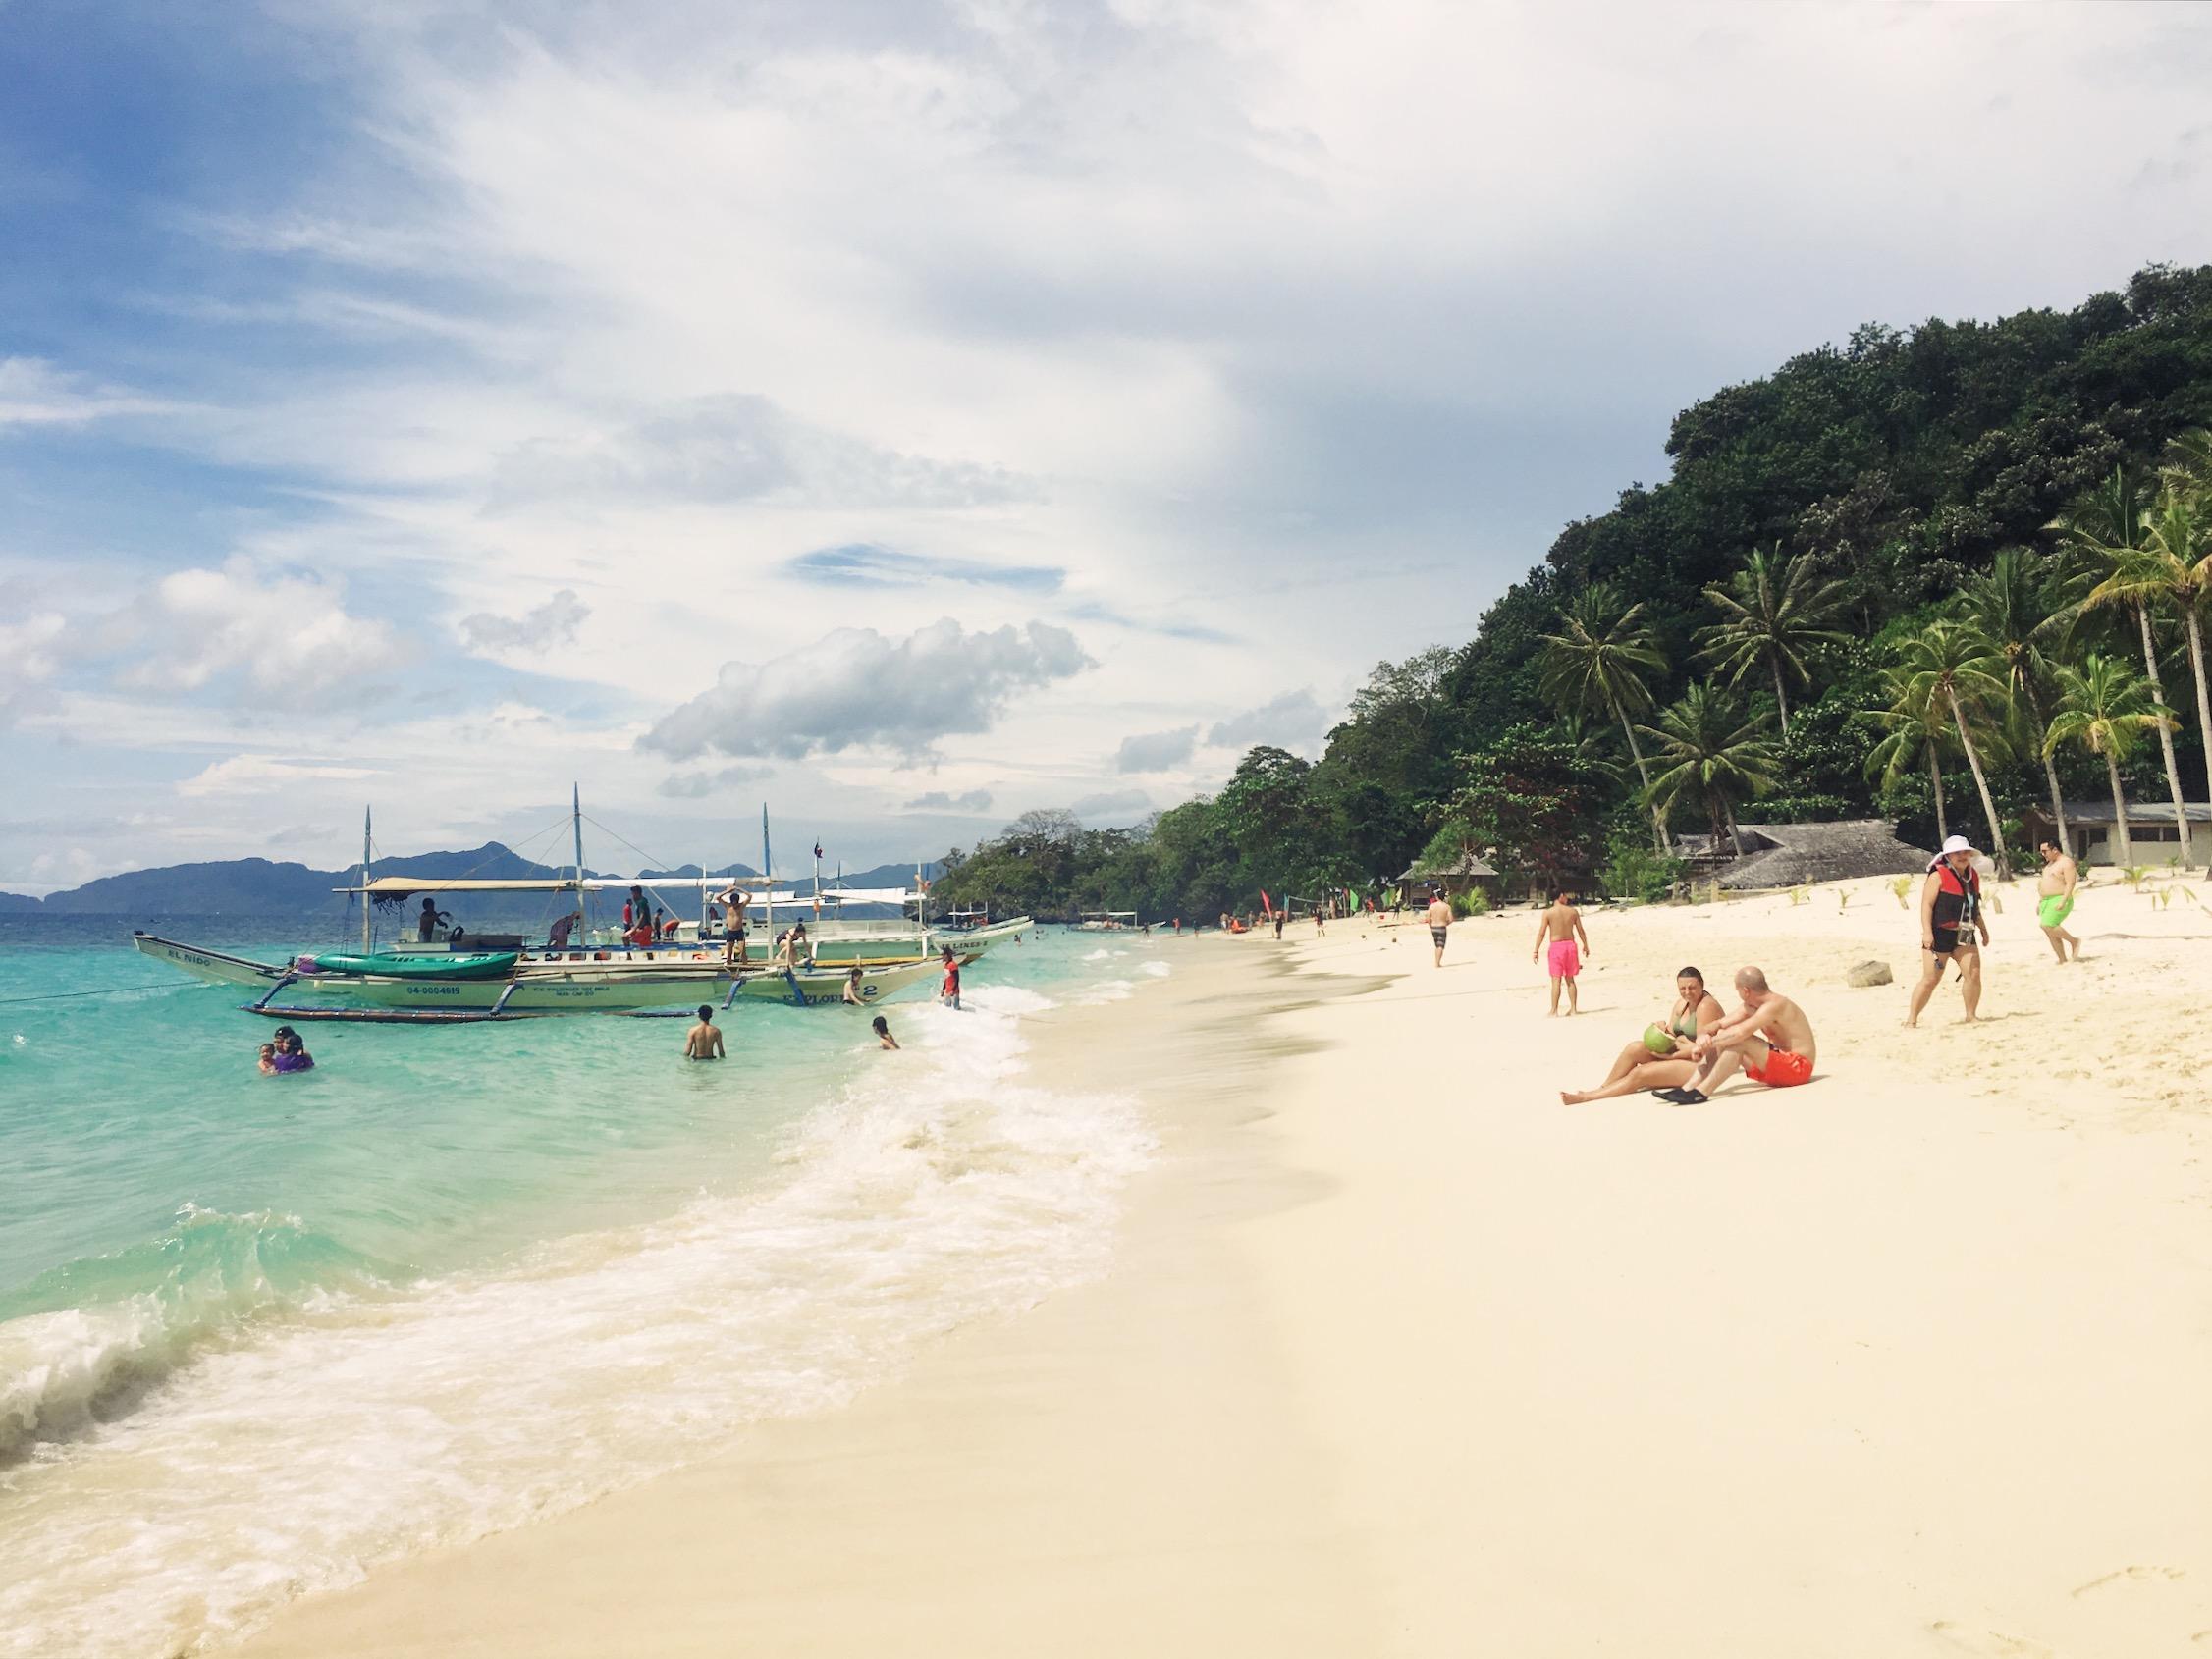 7 Commando Beach, El Nido, Palawan